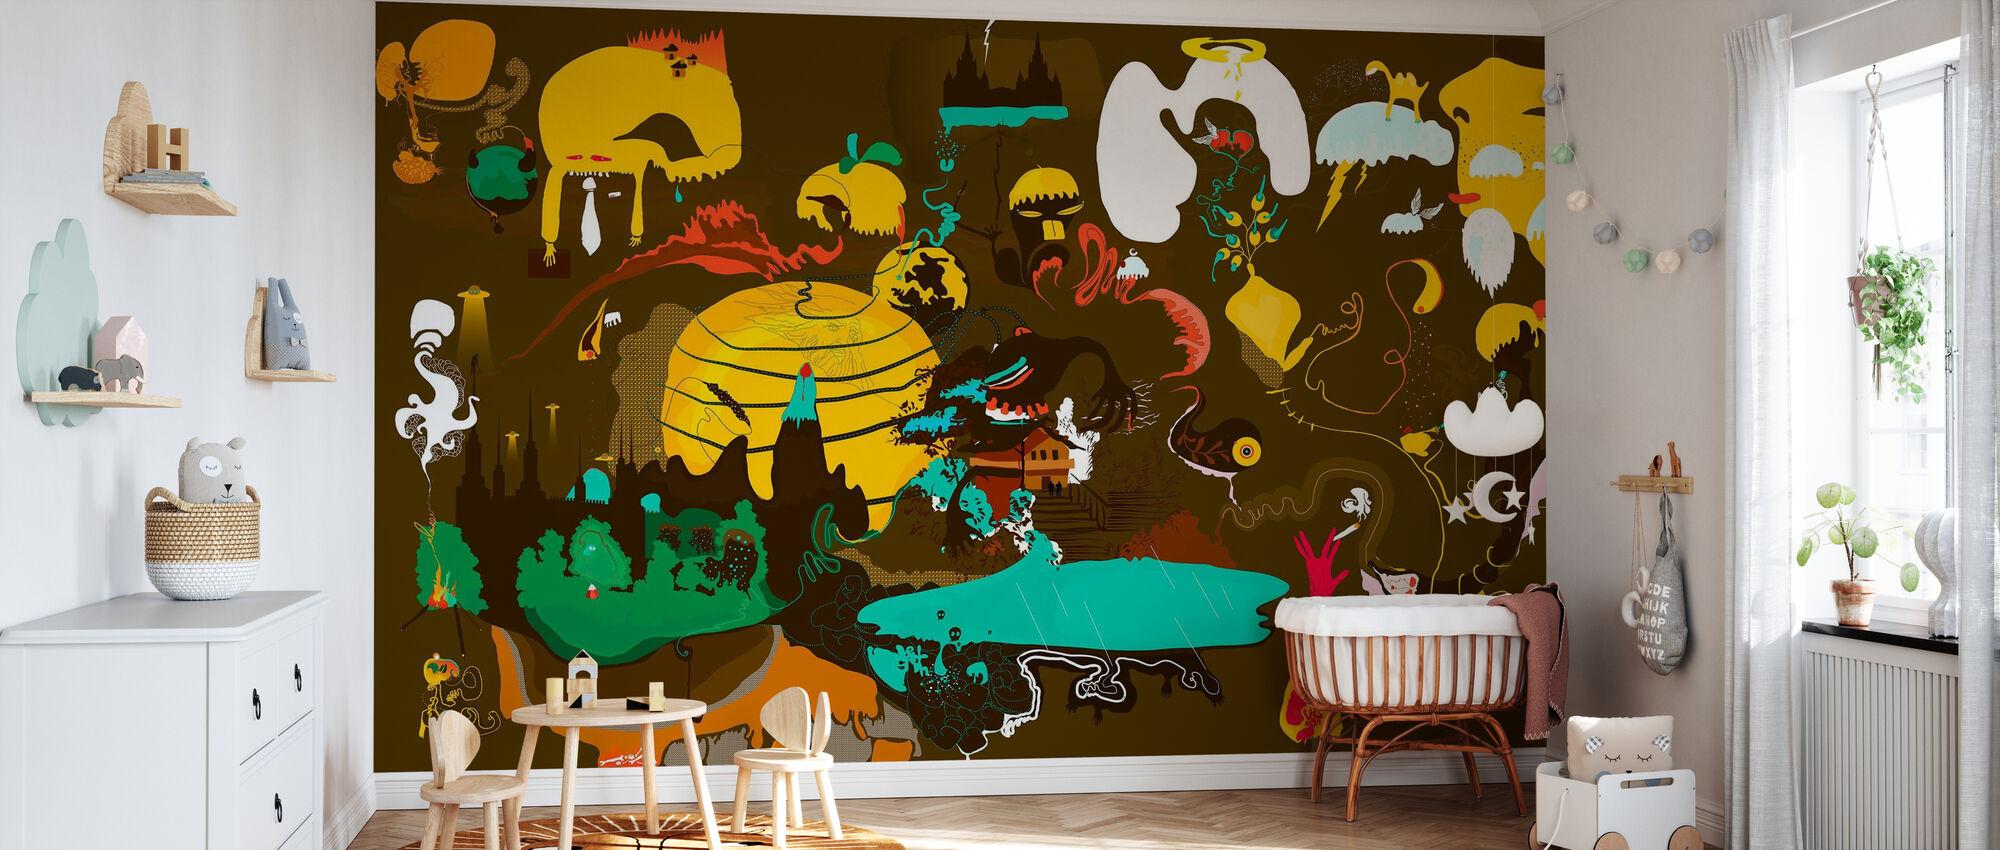 One Tall Tale - Wallpaper - Nursery